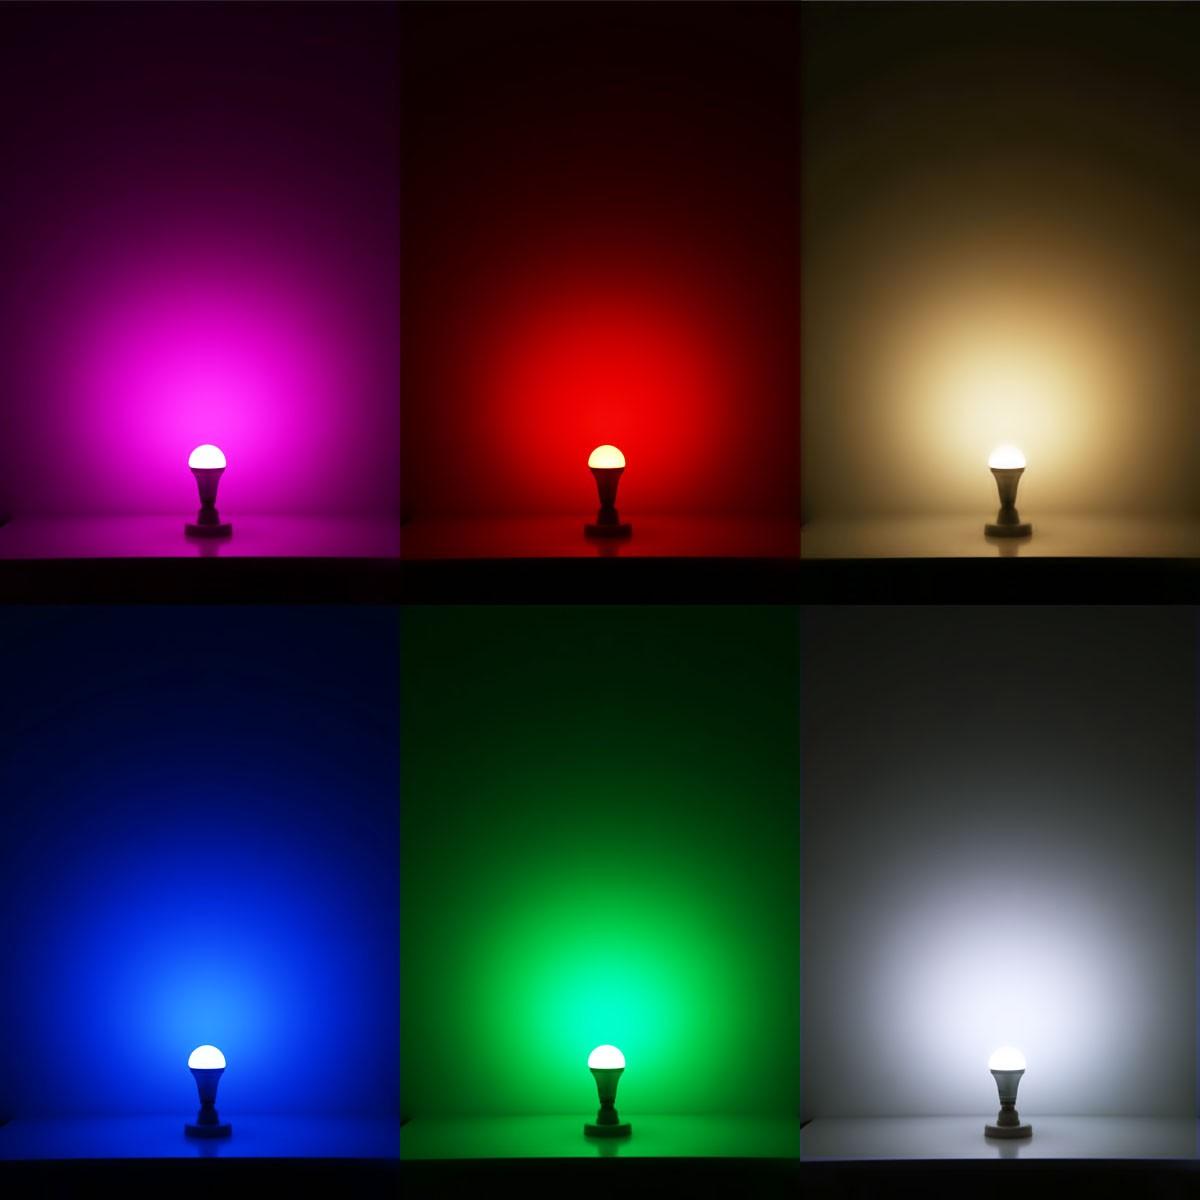 ال ای دی پاور و تولید هفت رنگ